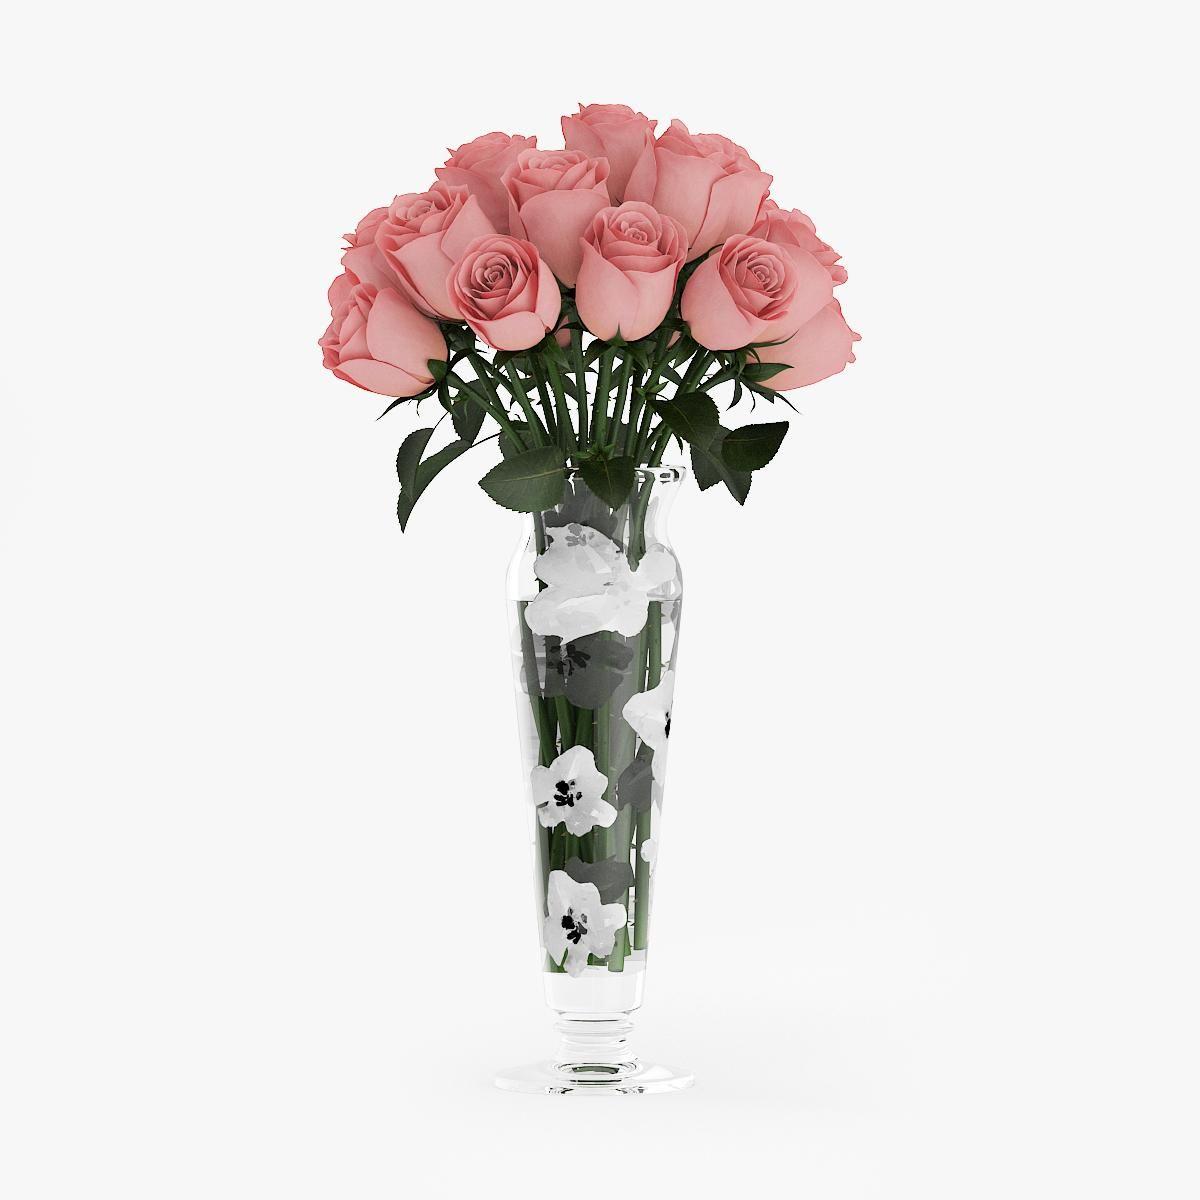 Pink Roses In Vase 3d Model Ad Roses Pink Model Vase Glass Vase Rose Vase